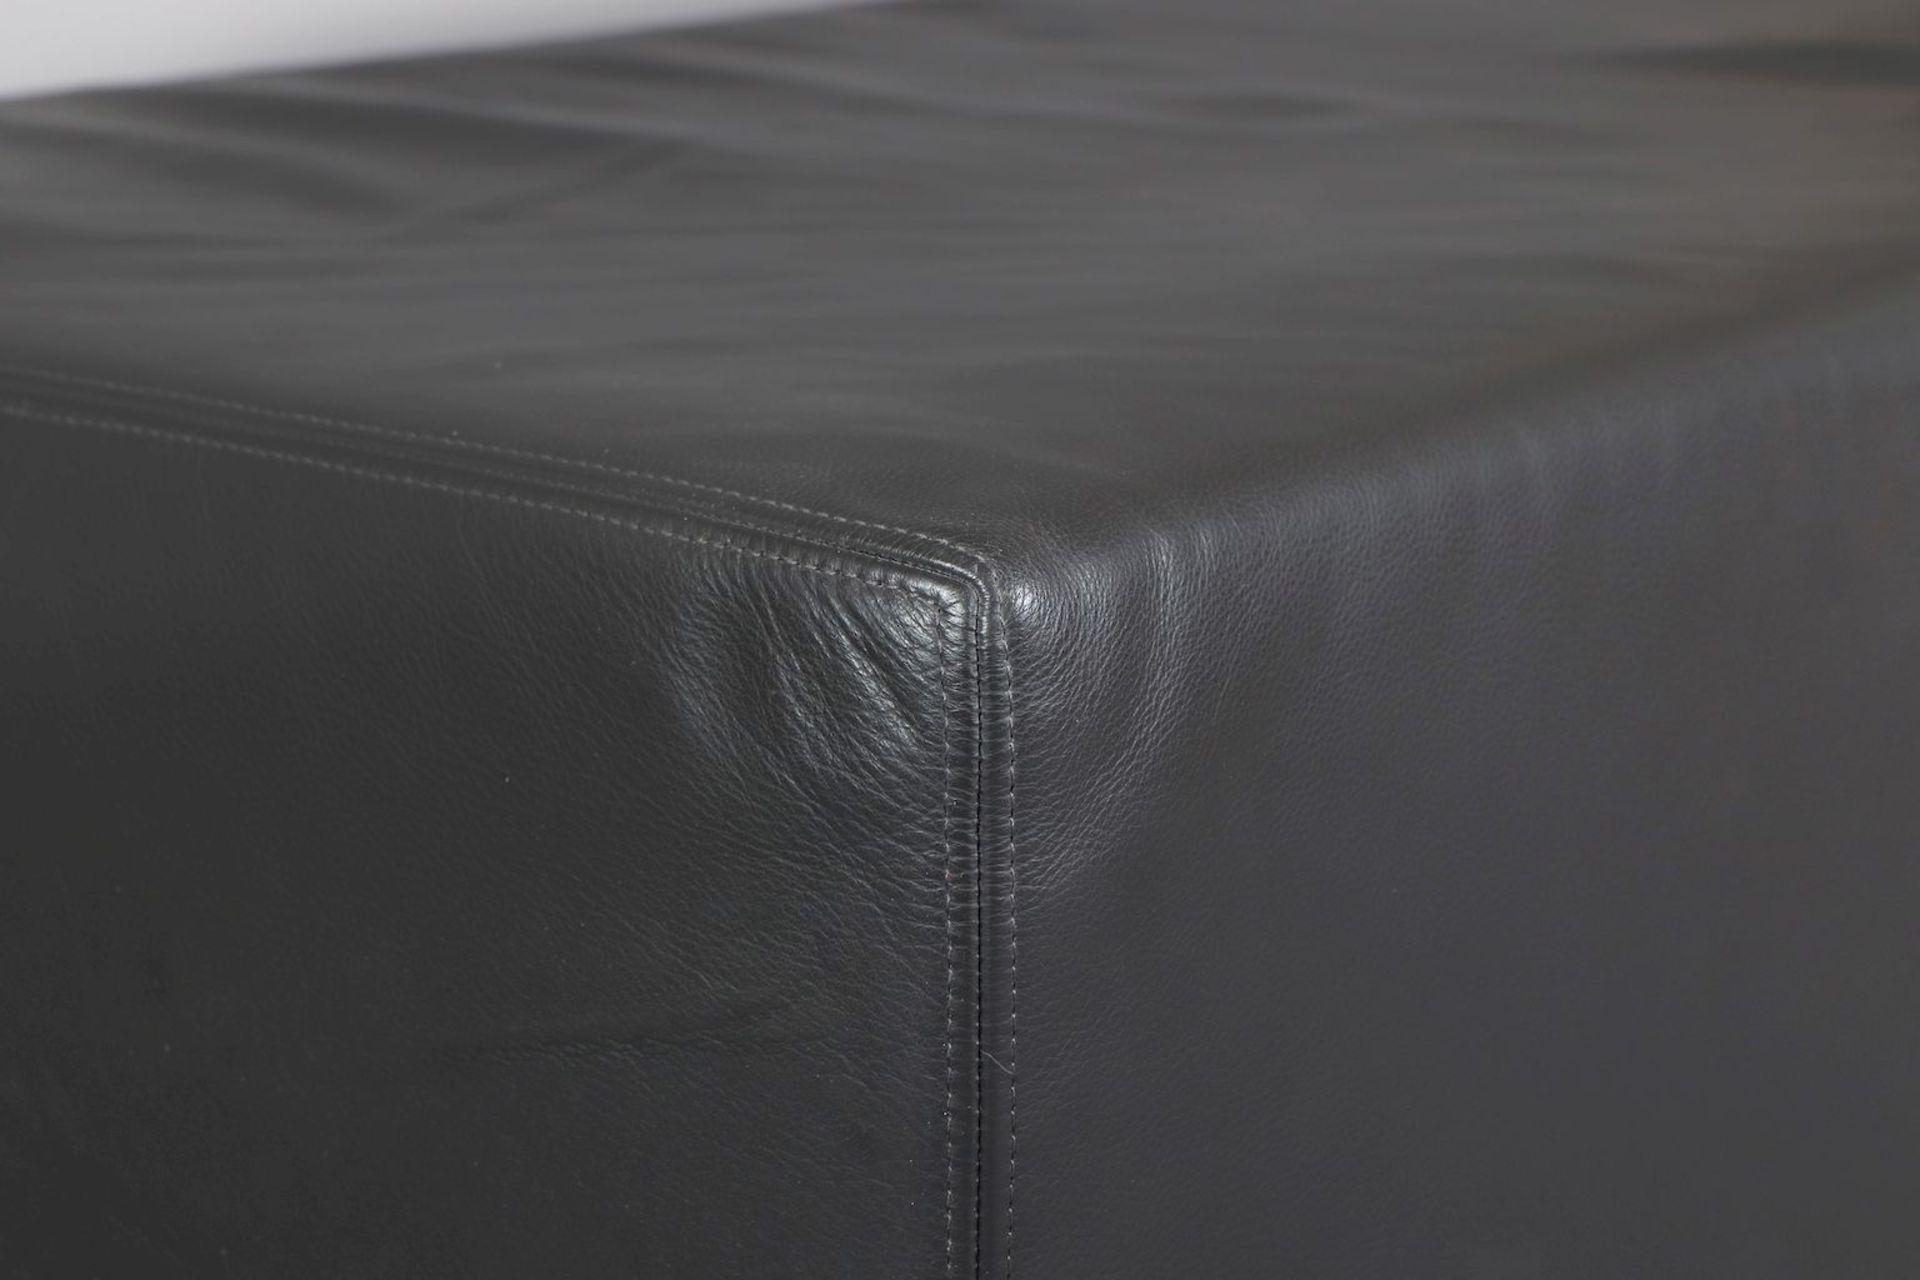 Leder-Pouf (Sitzmöbel oder Couchtisch) - Image 2 of 2